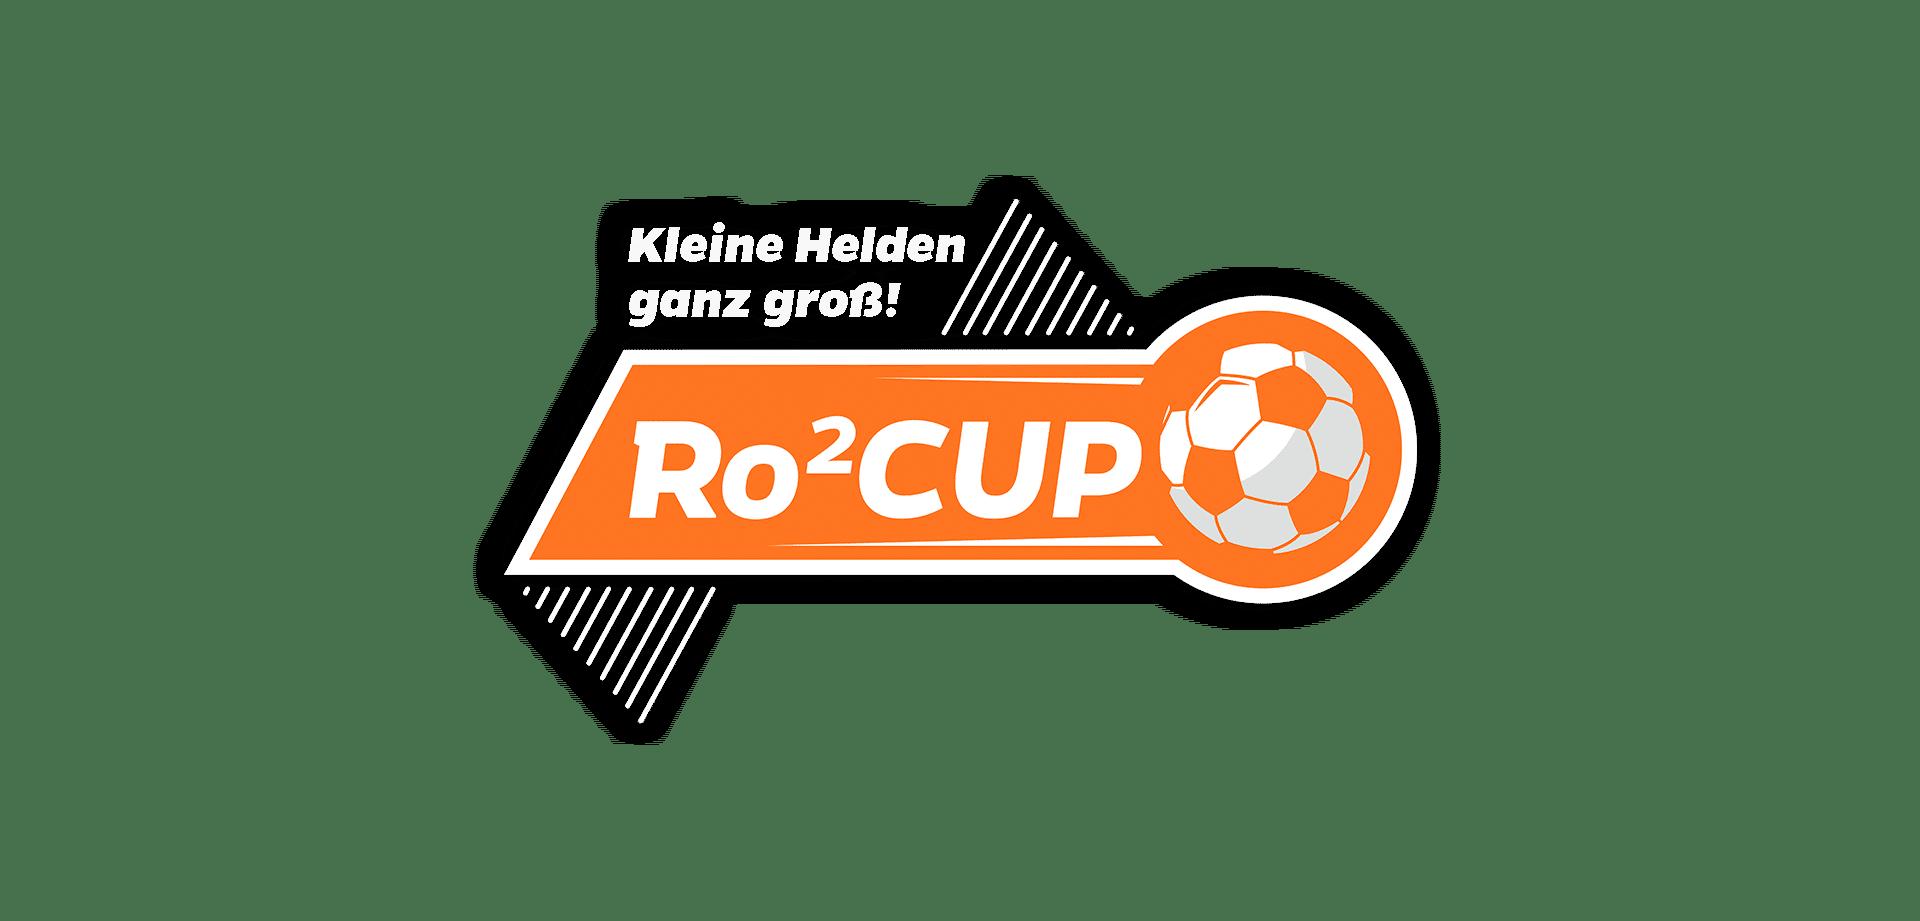 ro2-cup-logo-2020